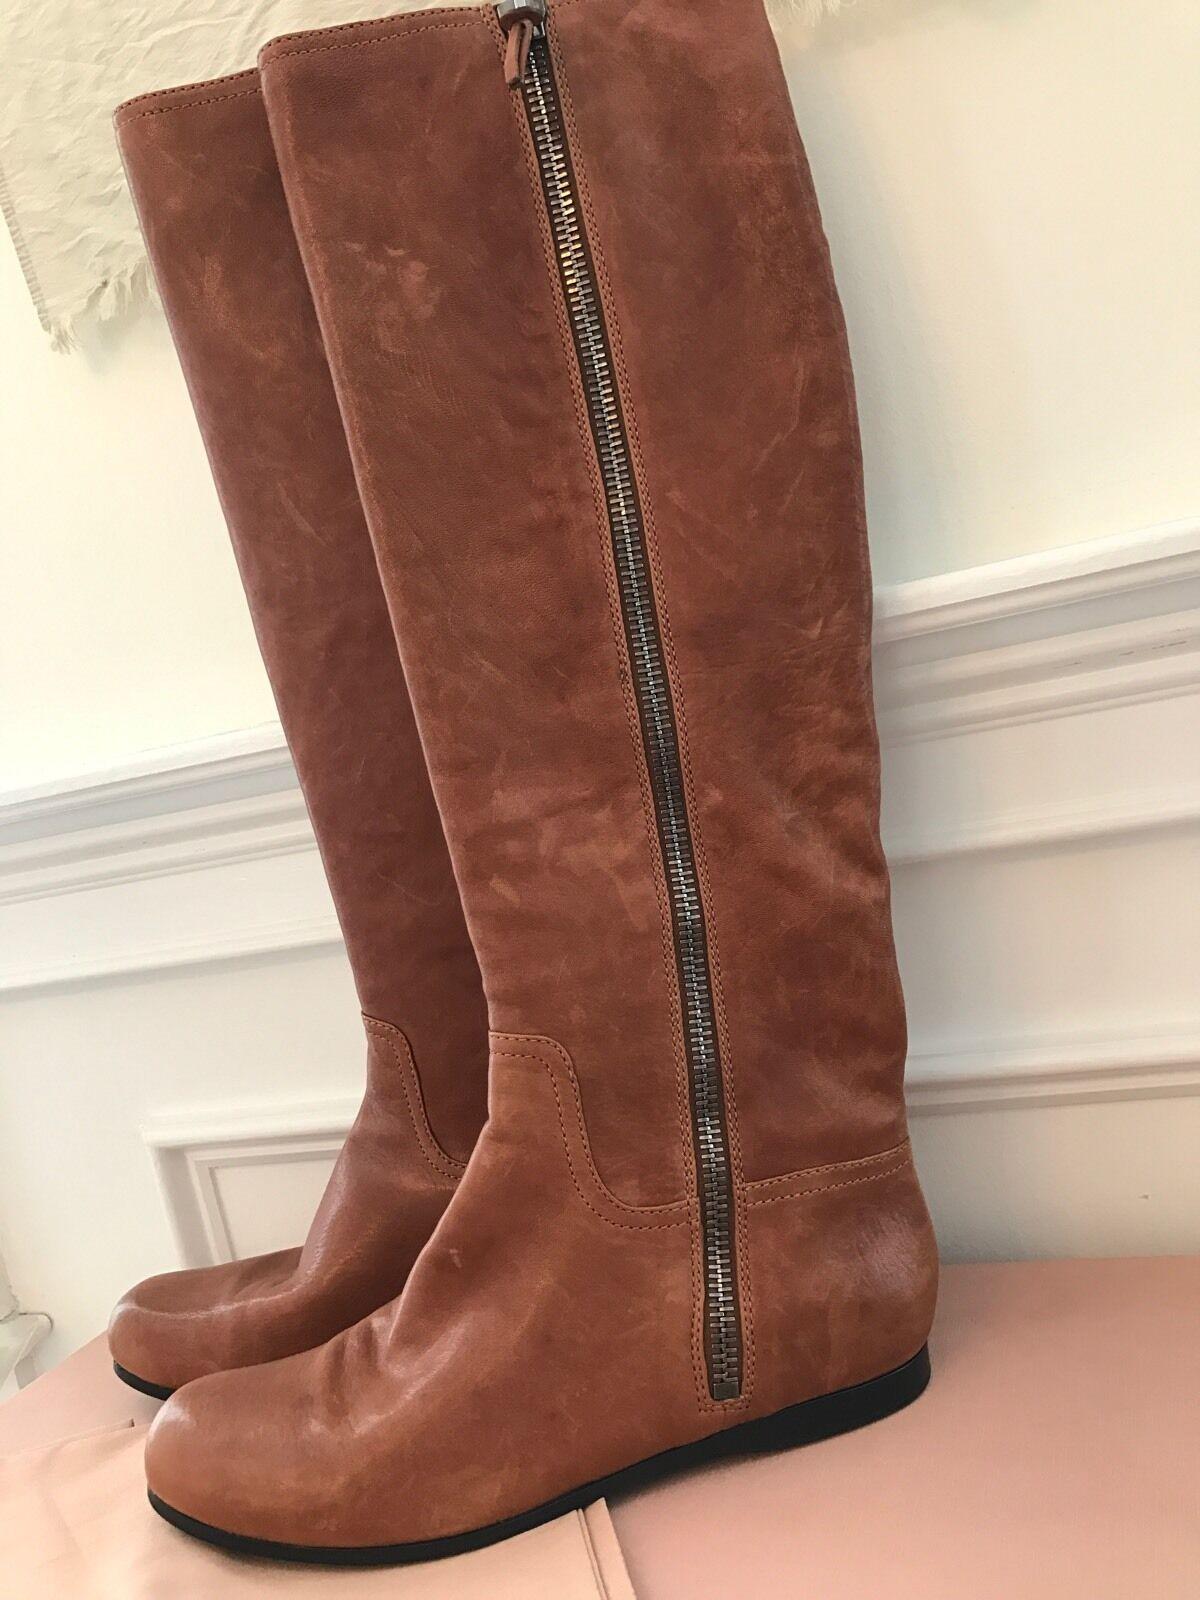 consegna gratuita e veloce disponibile Miu Miu Miu Miu stivali Tall Leather Riding stivali Calzature Donna 10 10.5 40.5 NIB  950  autorizzazione ufficiale